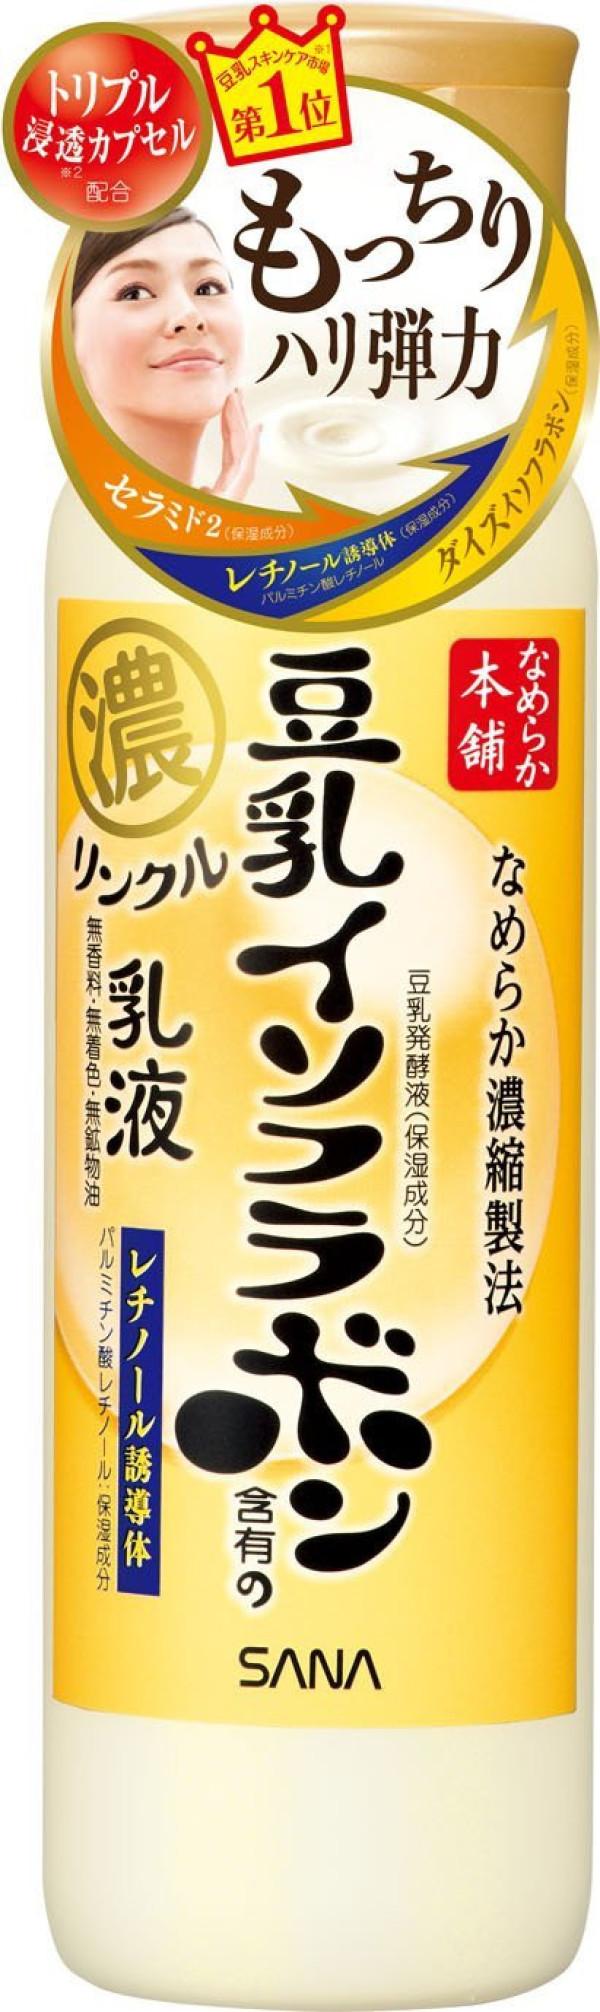 Увлажняющее и подтягивающее молочко Sana Namerako Honpo Wrinkle Milk